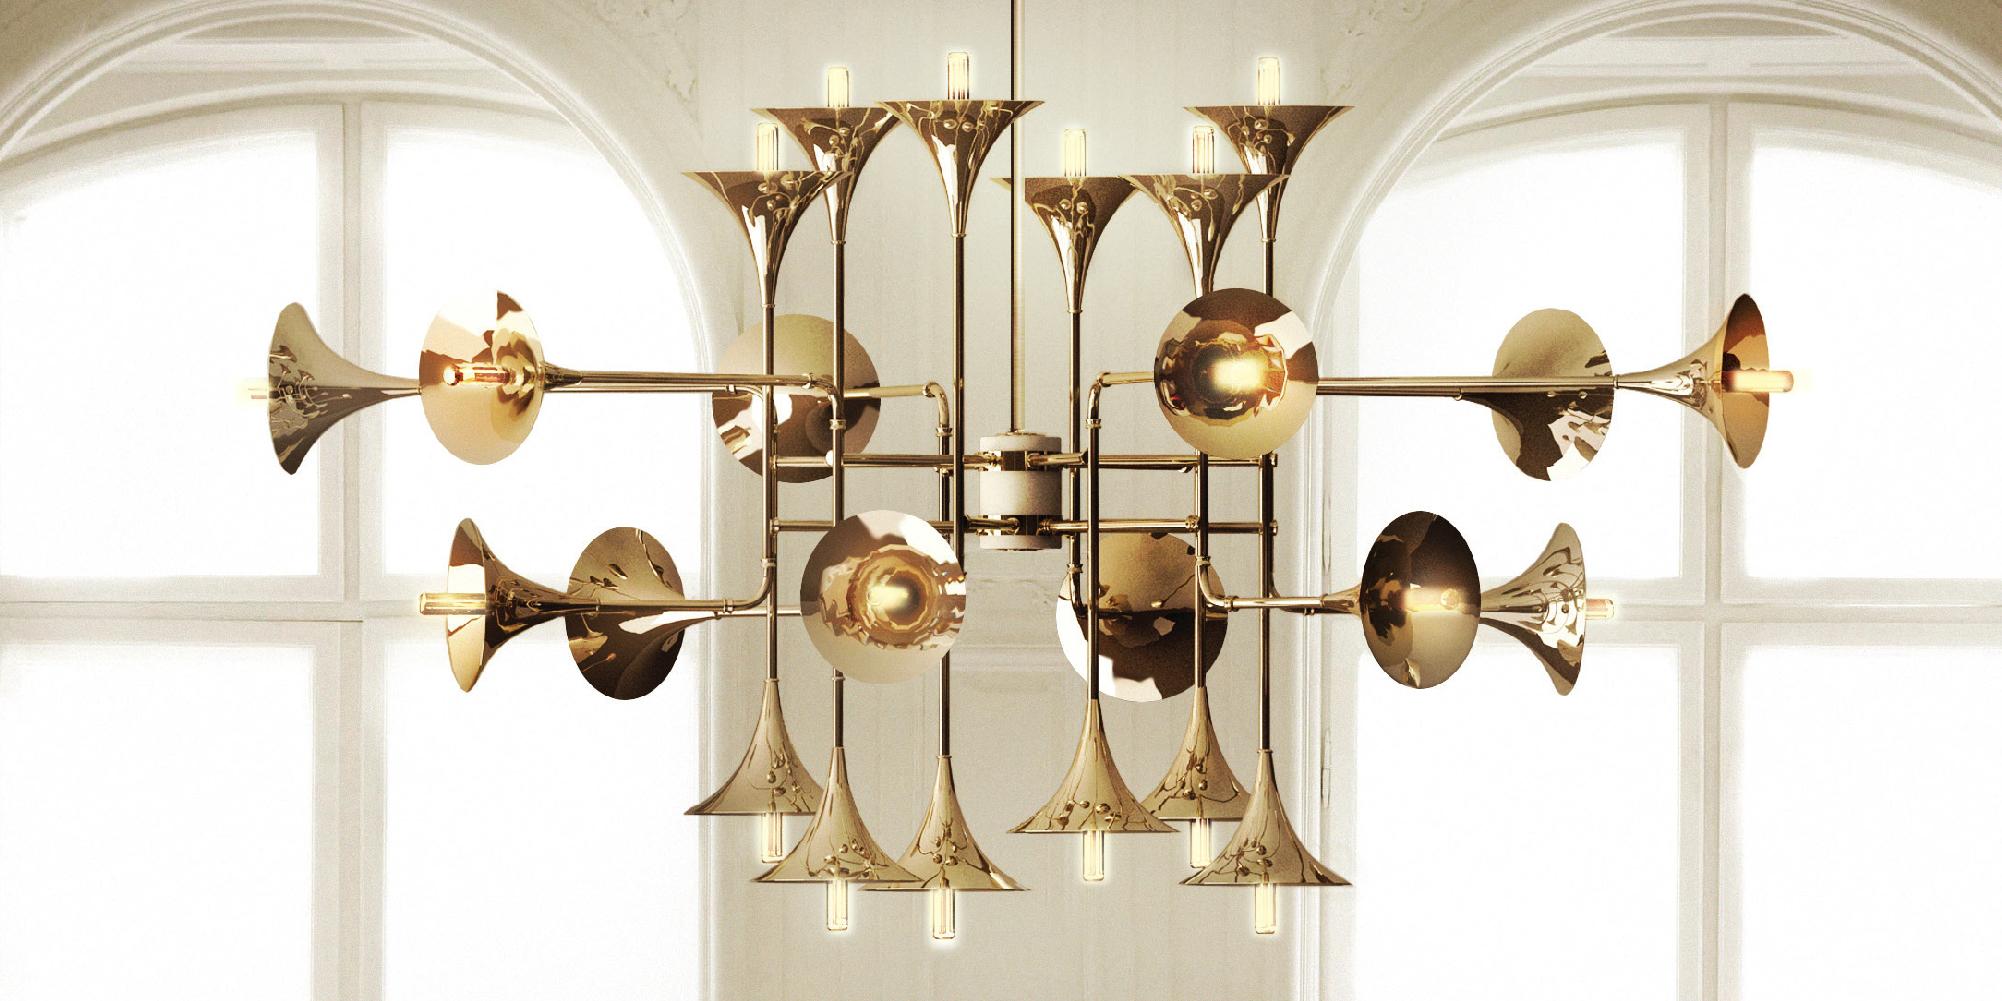 decoraciones de navidad Decoraciones de Navidad: Lámparas de estilo mediados de Siglo botti chandelier ambience 01 HR